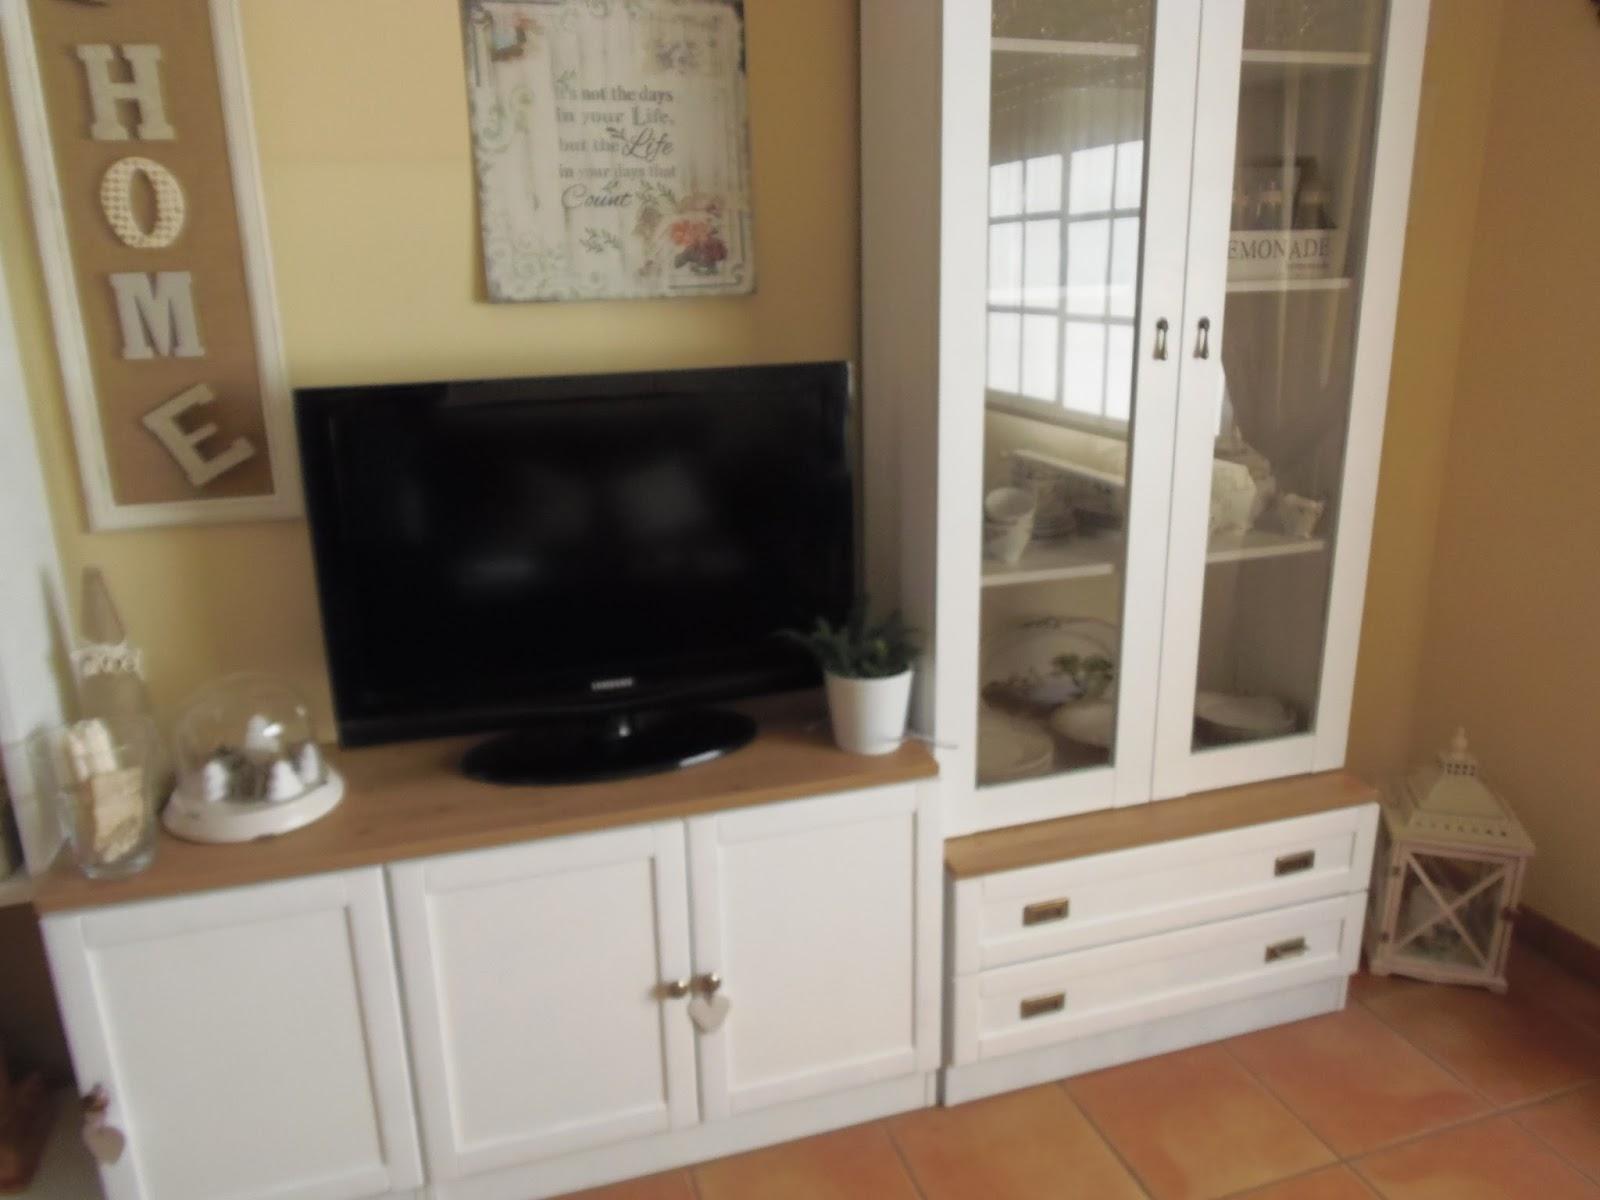 Lascosasdeleni tuneo mueble y feliz navidad for Muebles color cerezo como pintar paredes